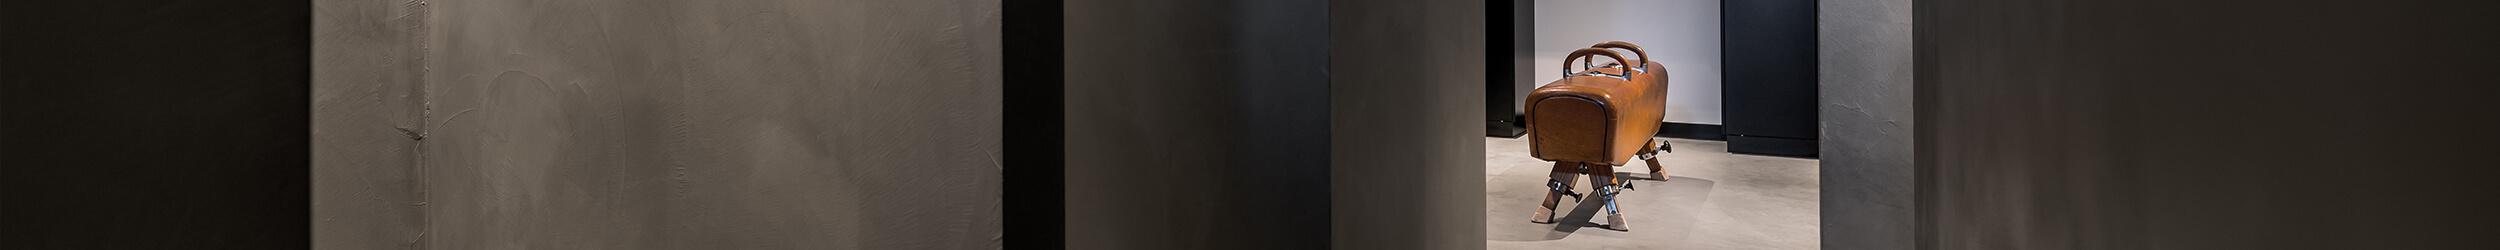 Fusion-Basebeton-vloer-betoncire-betonlook-Gouda-02